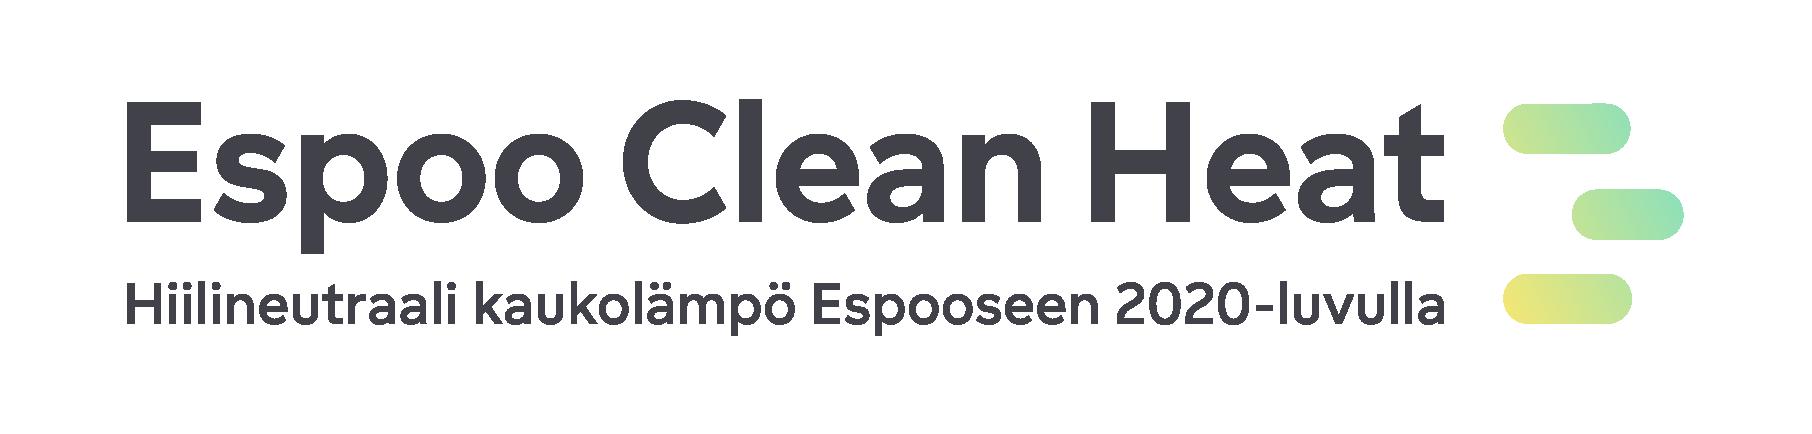 Espoo Clean Heat -hankkeen logo